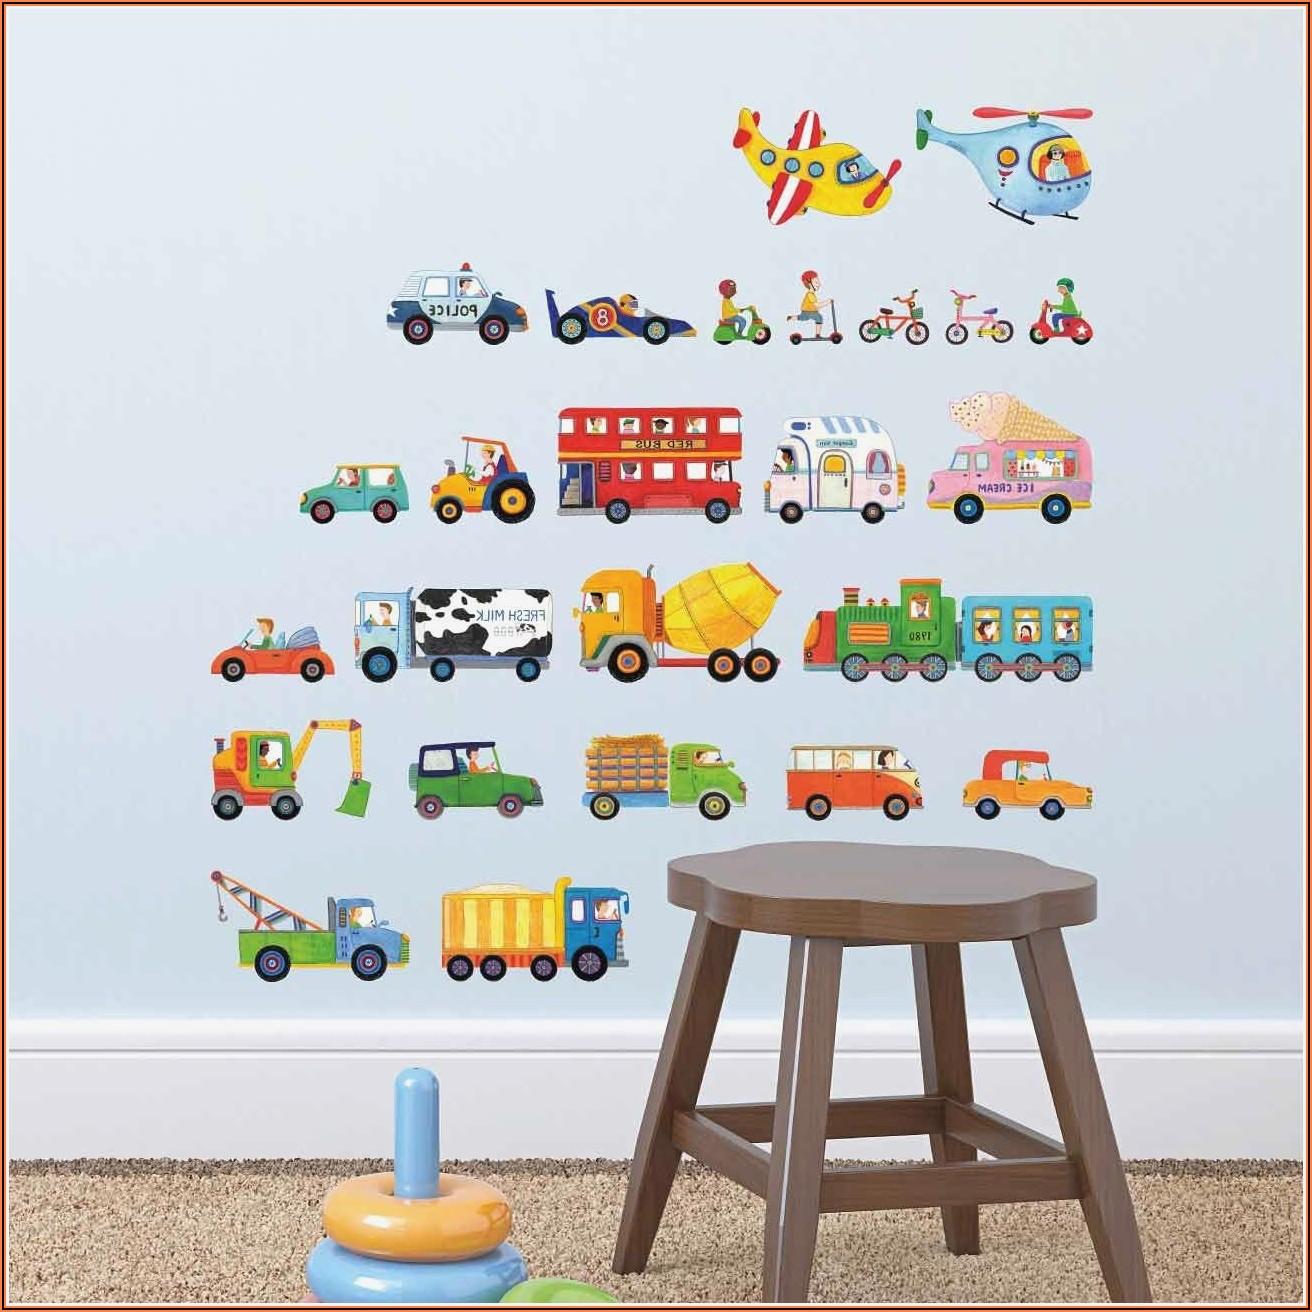 Wandtattoos Cars Kinderzimmer Kinderzimme House und